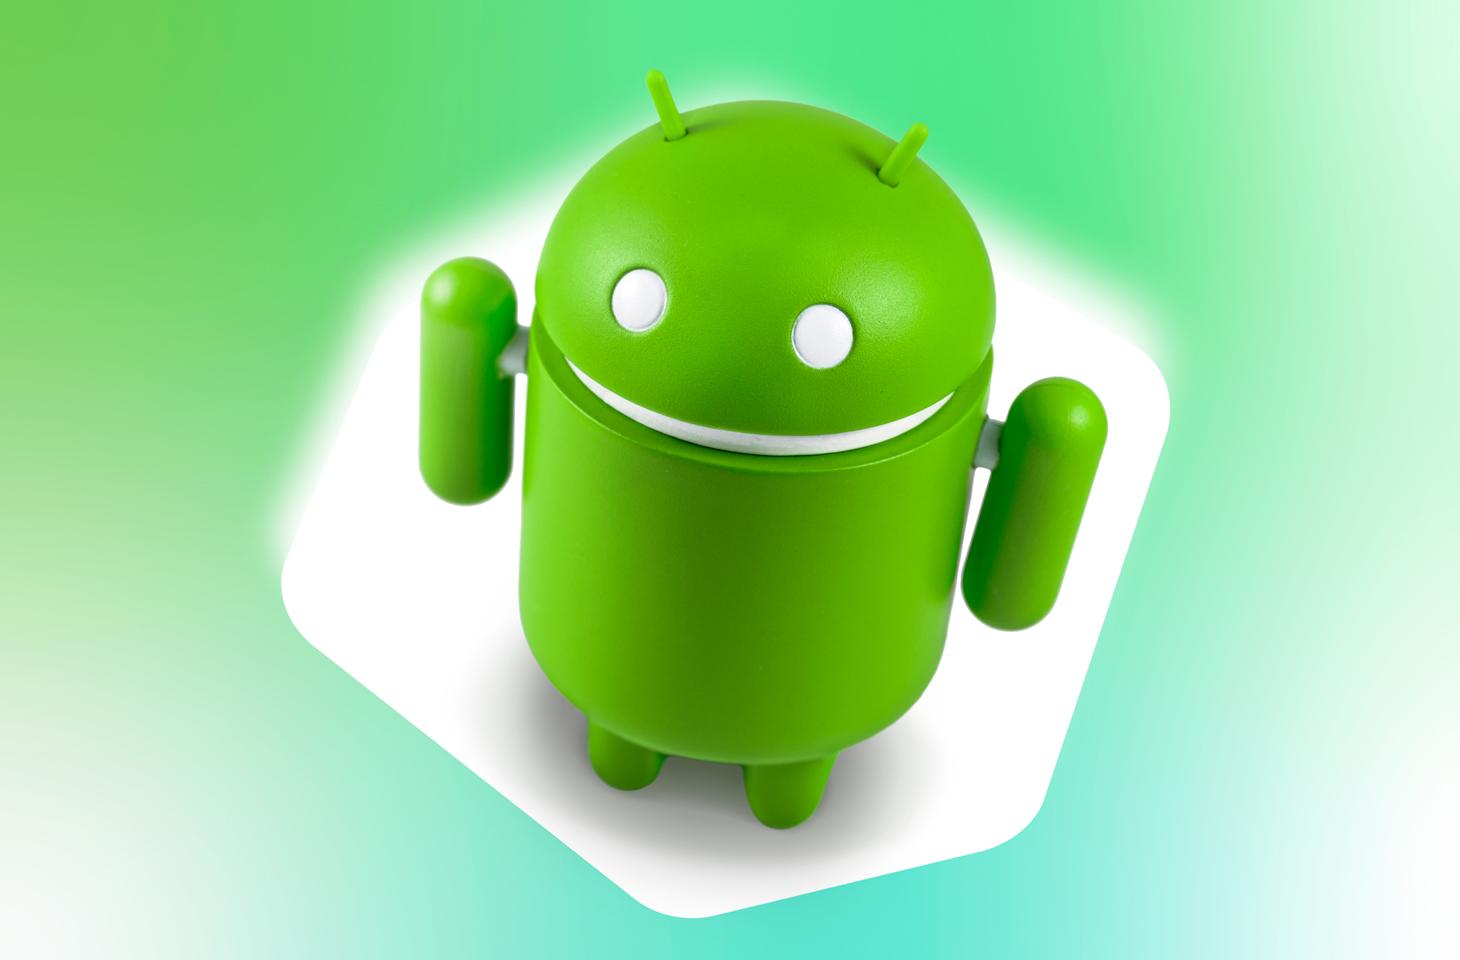 Androidアプリが端末IDを使って利用者の情報を得る仕組み | カスペルスキー公式ブログ